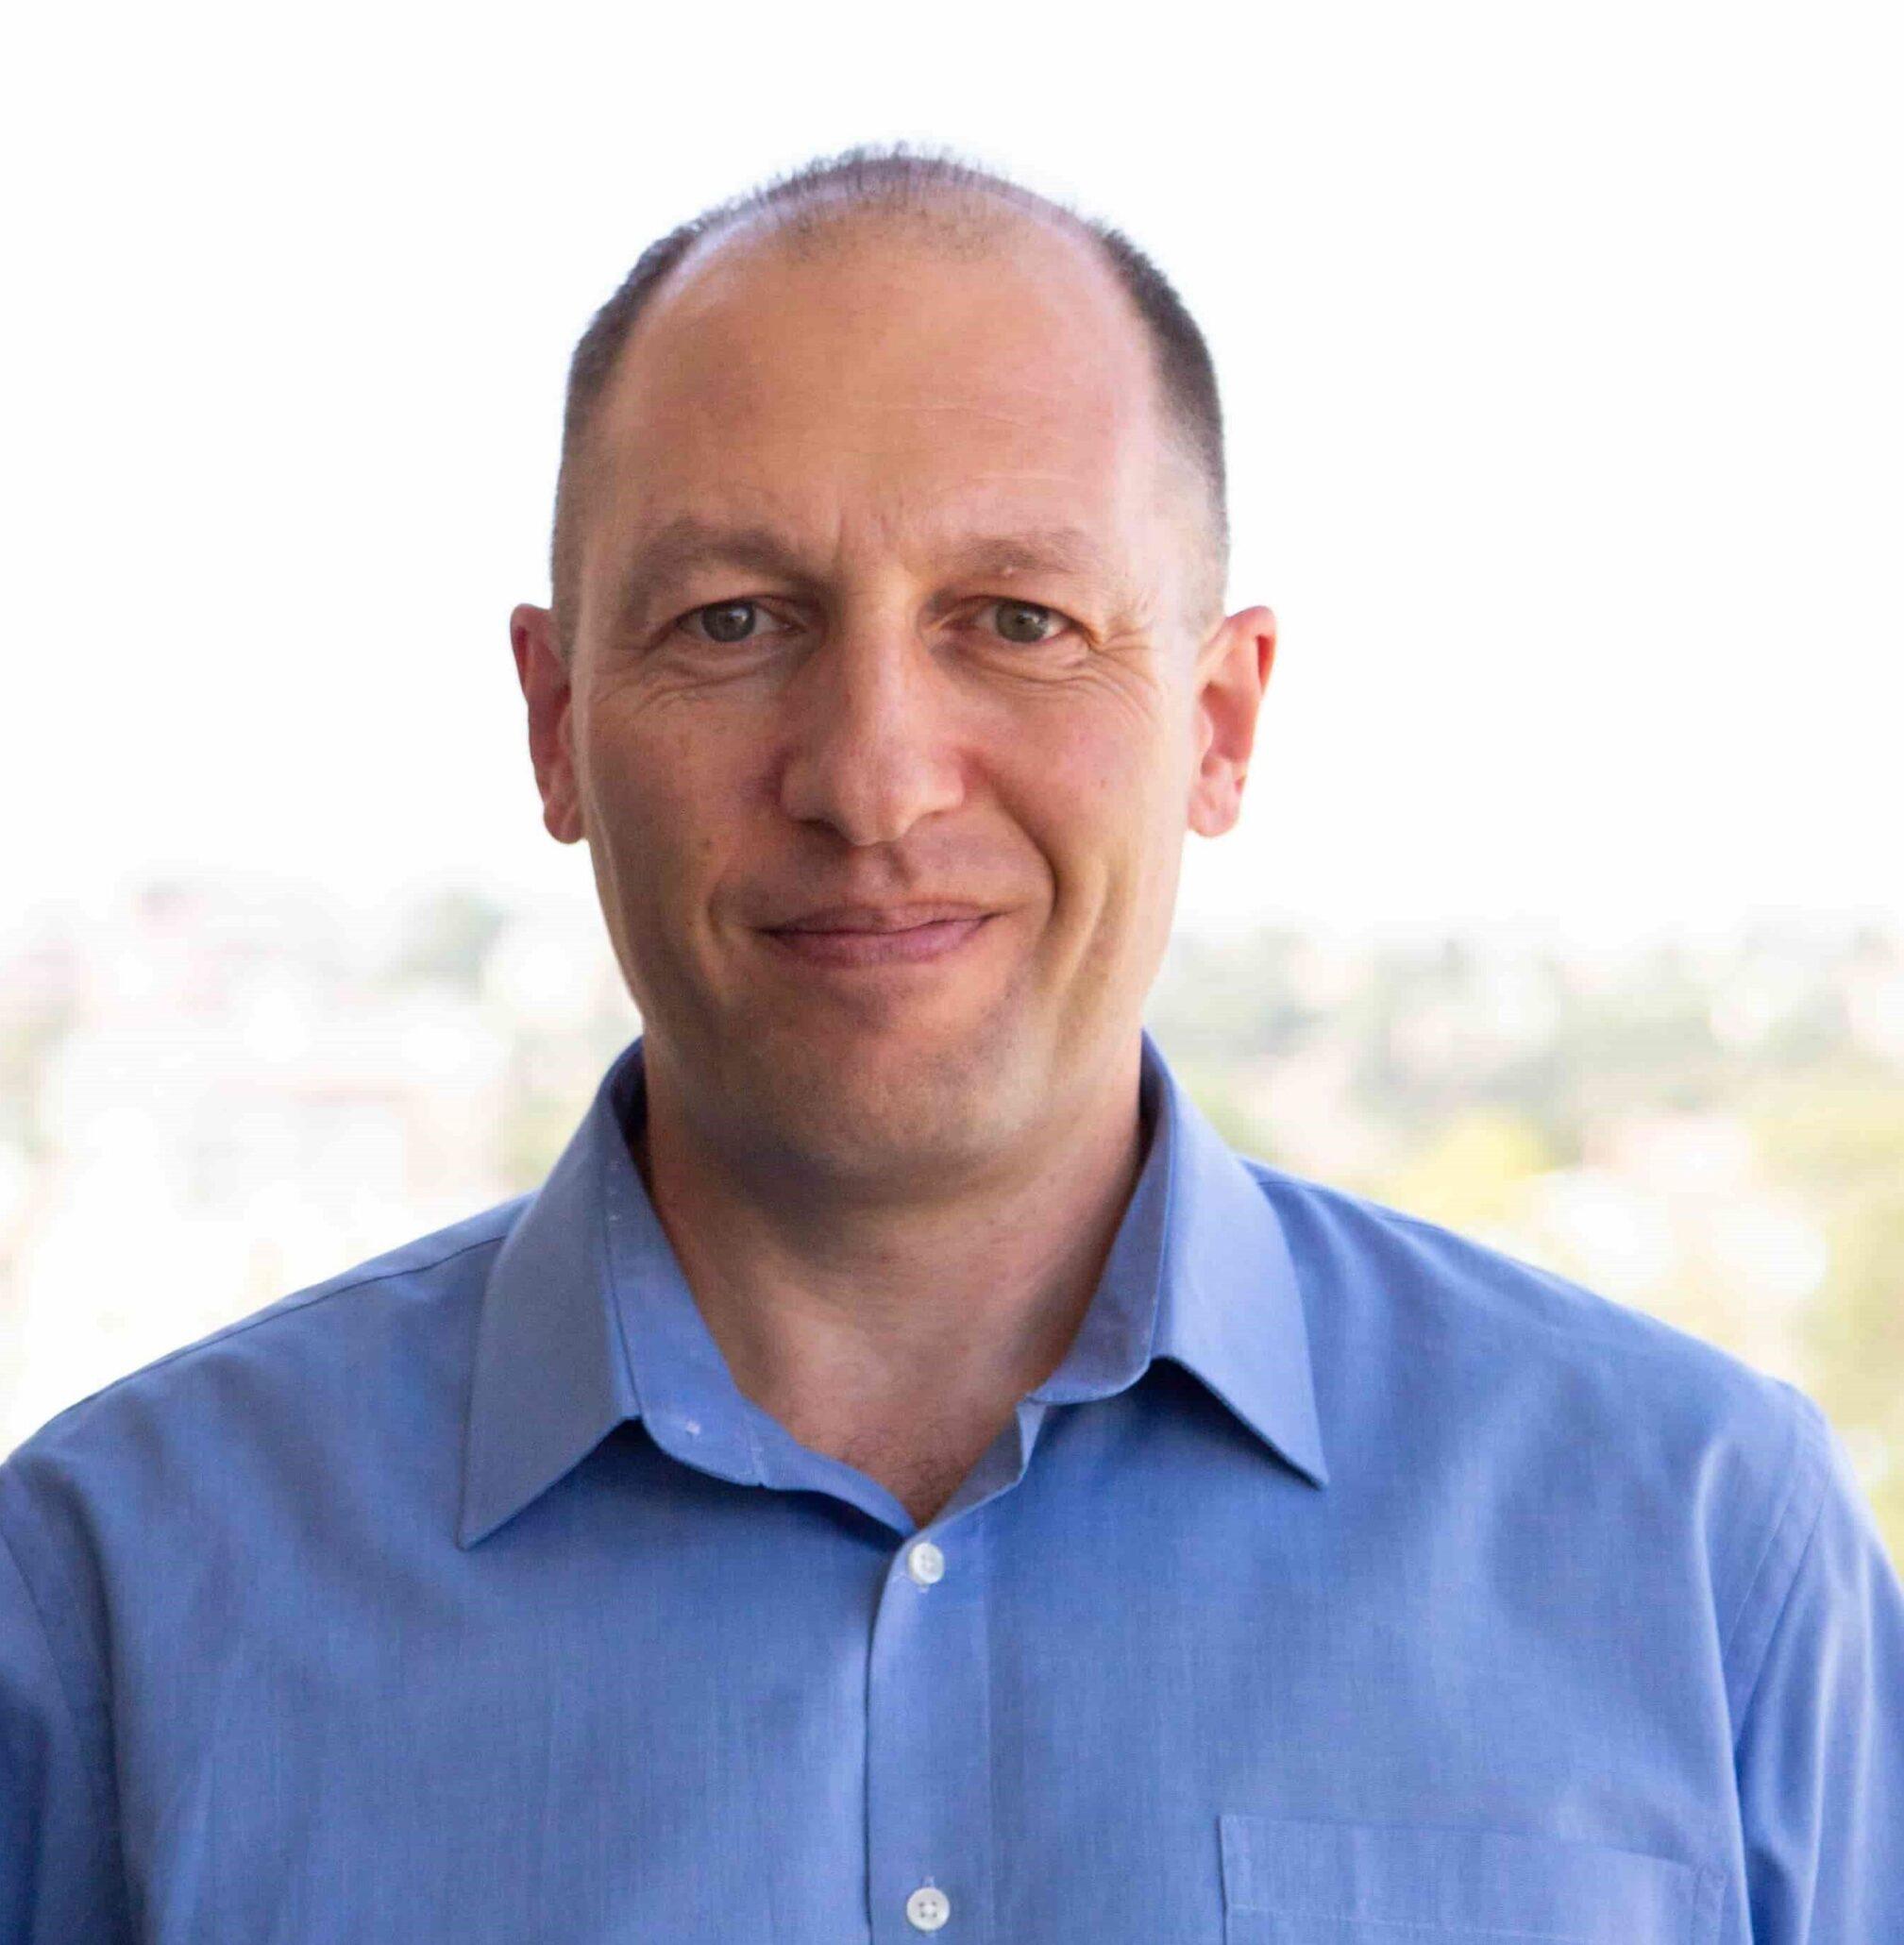 Alec Goldberg